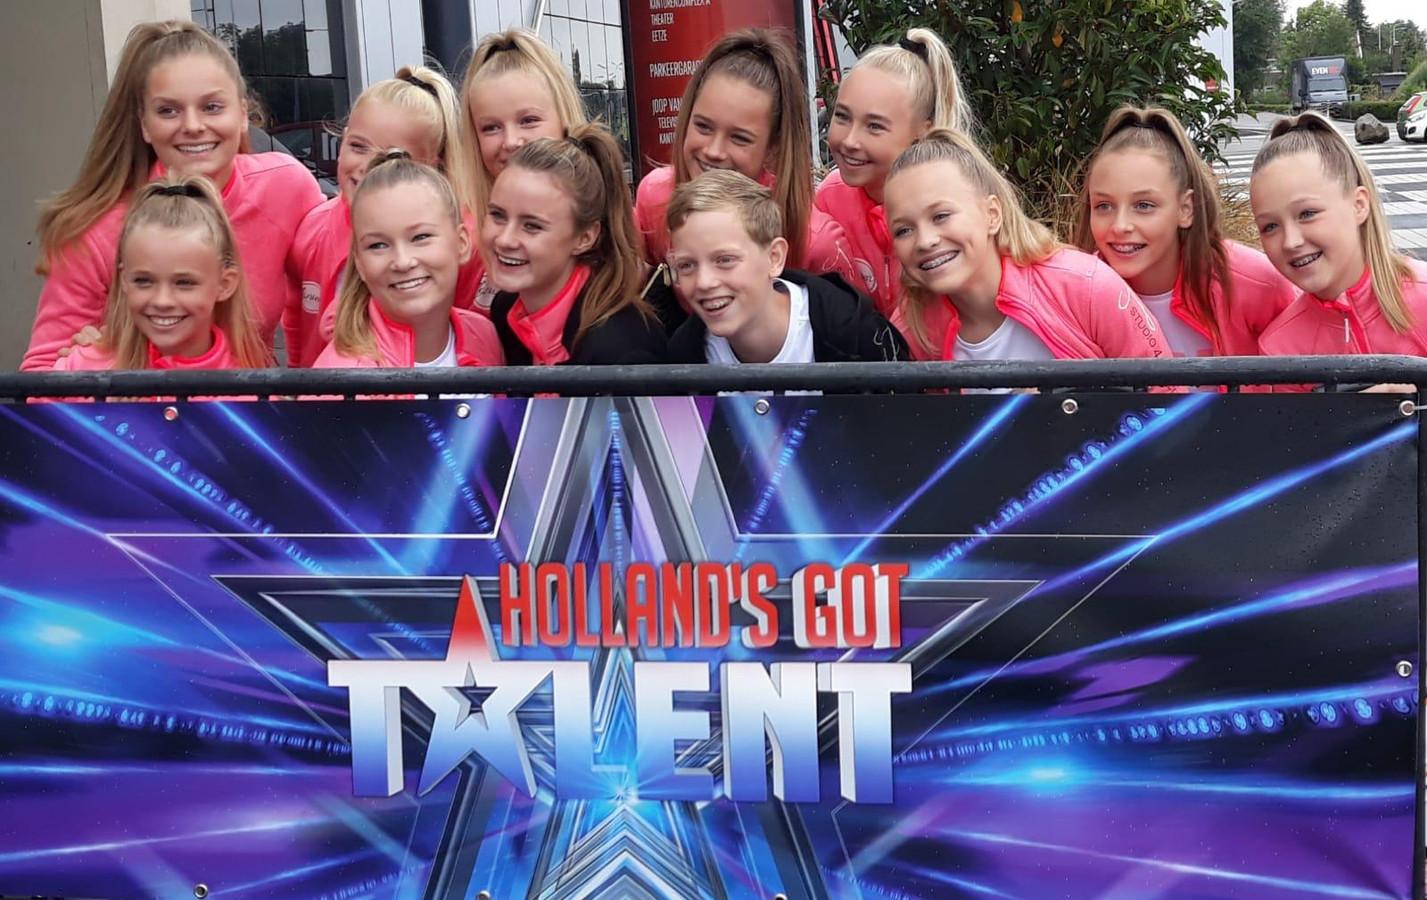 Dancestudio Janien uit Wierden doet met de A16 mee met Holland's Got Talent.